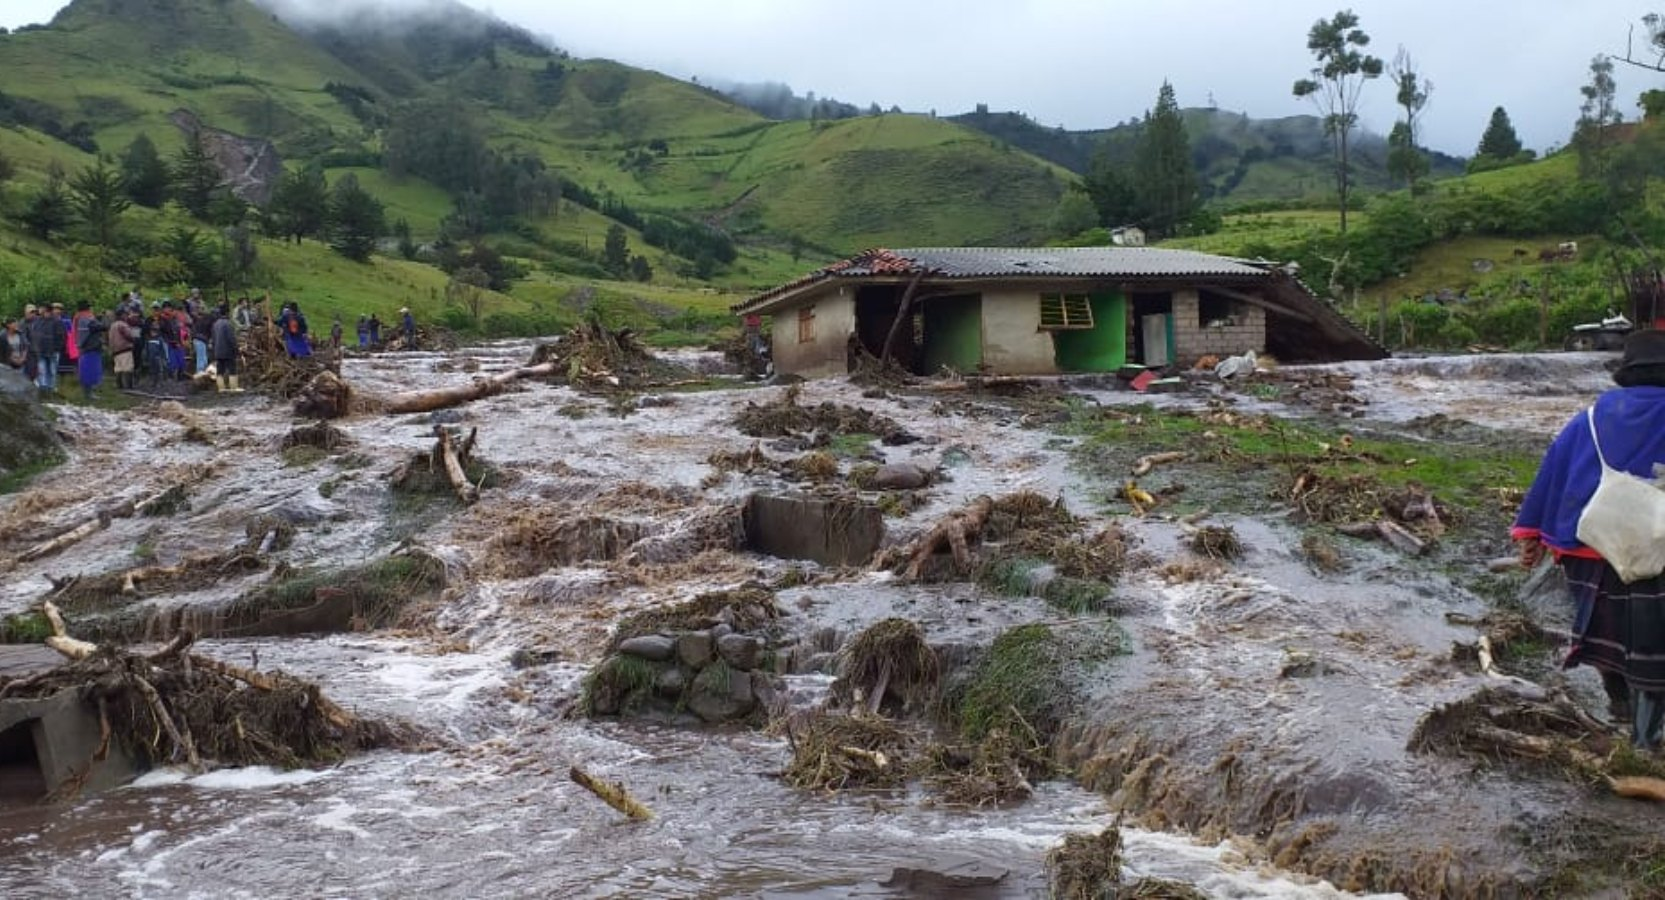 territorio/cauca/indigenas-de-silvia-cauca-pides-ayuda-tras-el-desbordamientos-de-rios-y-quebradas